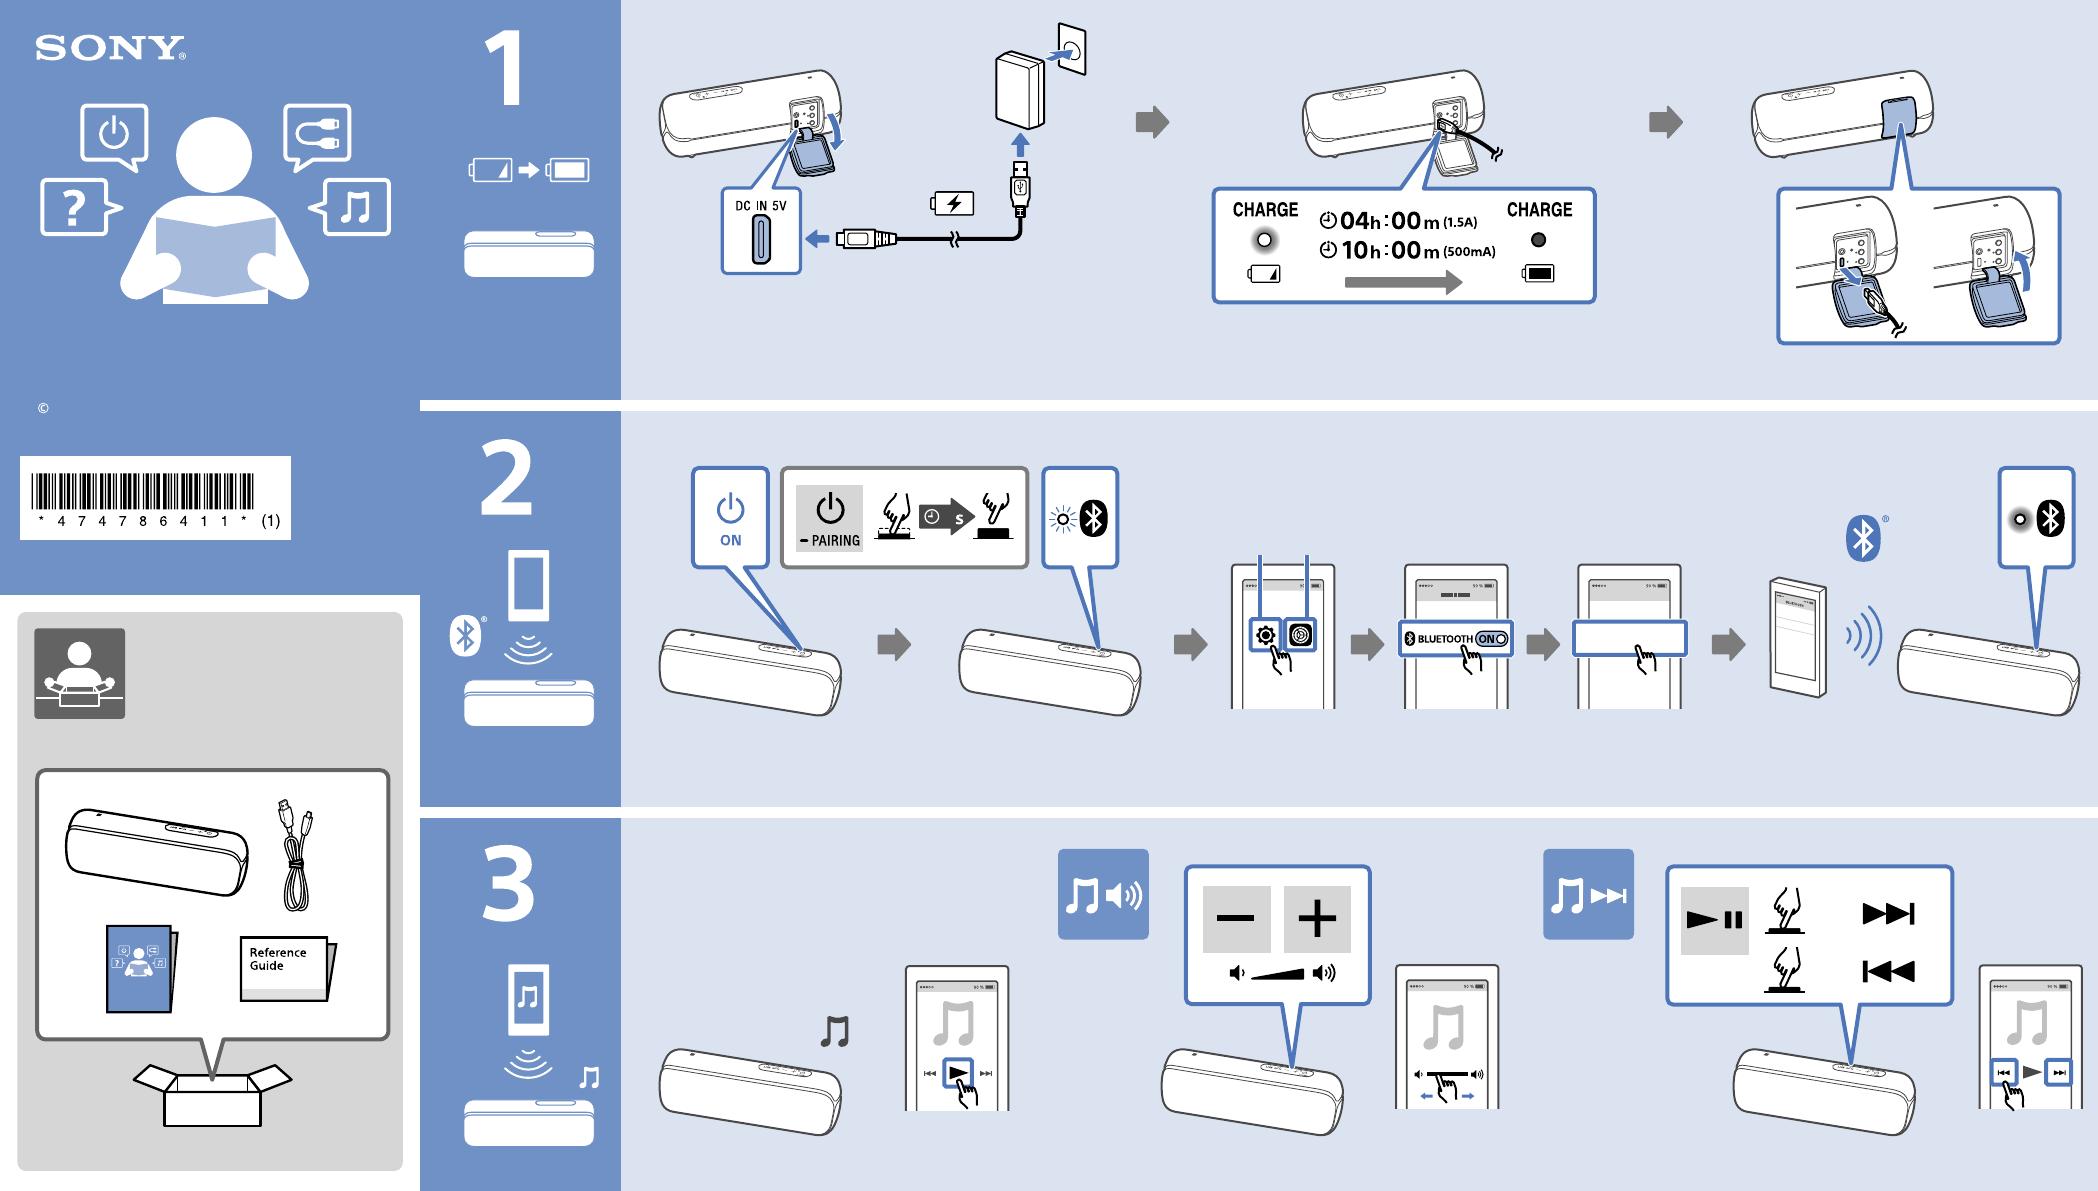 Sony Manuals Online Uk